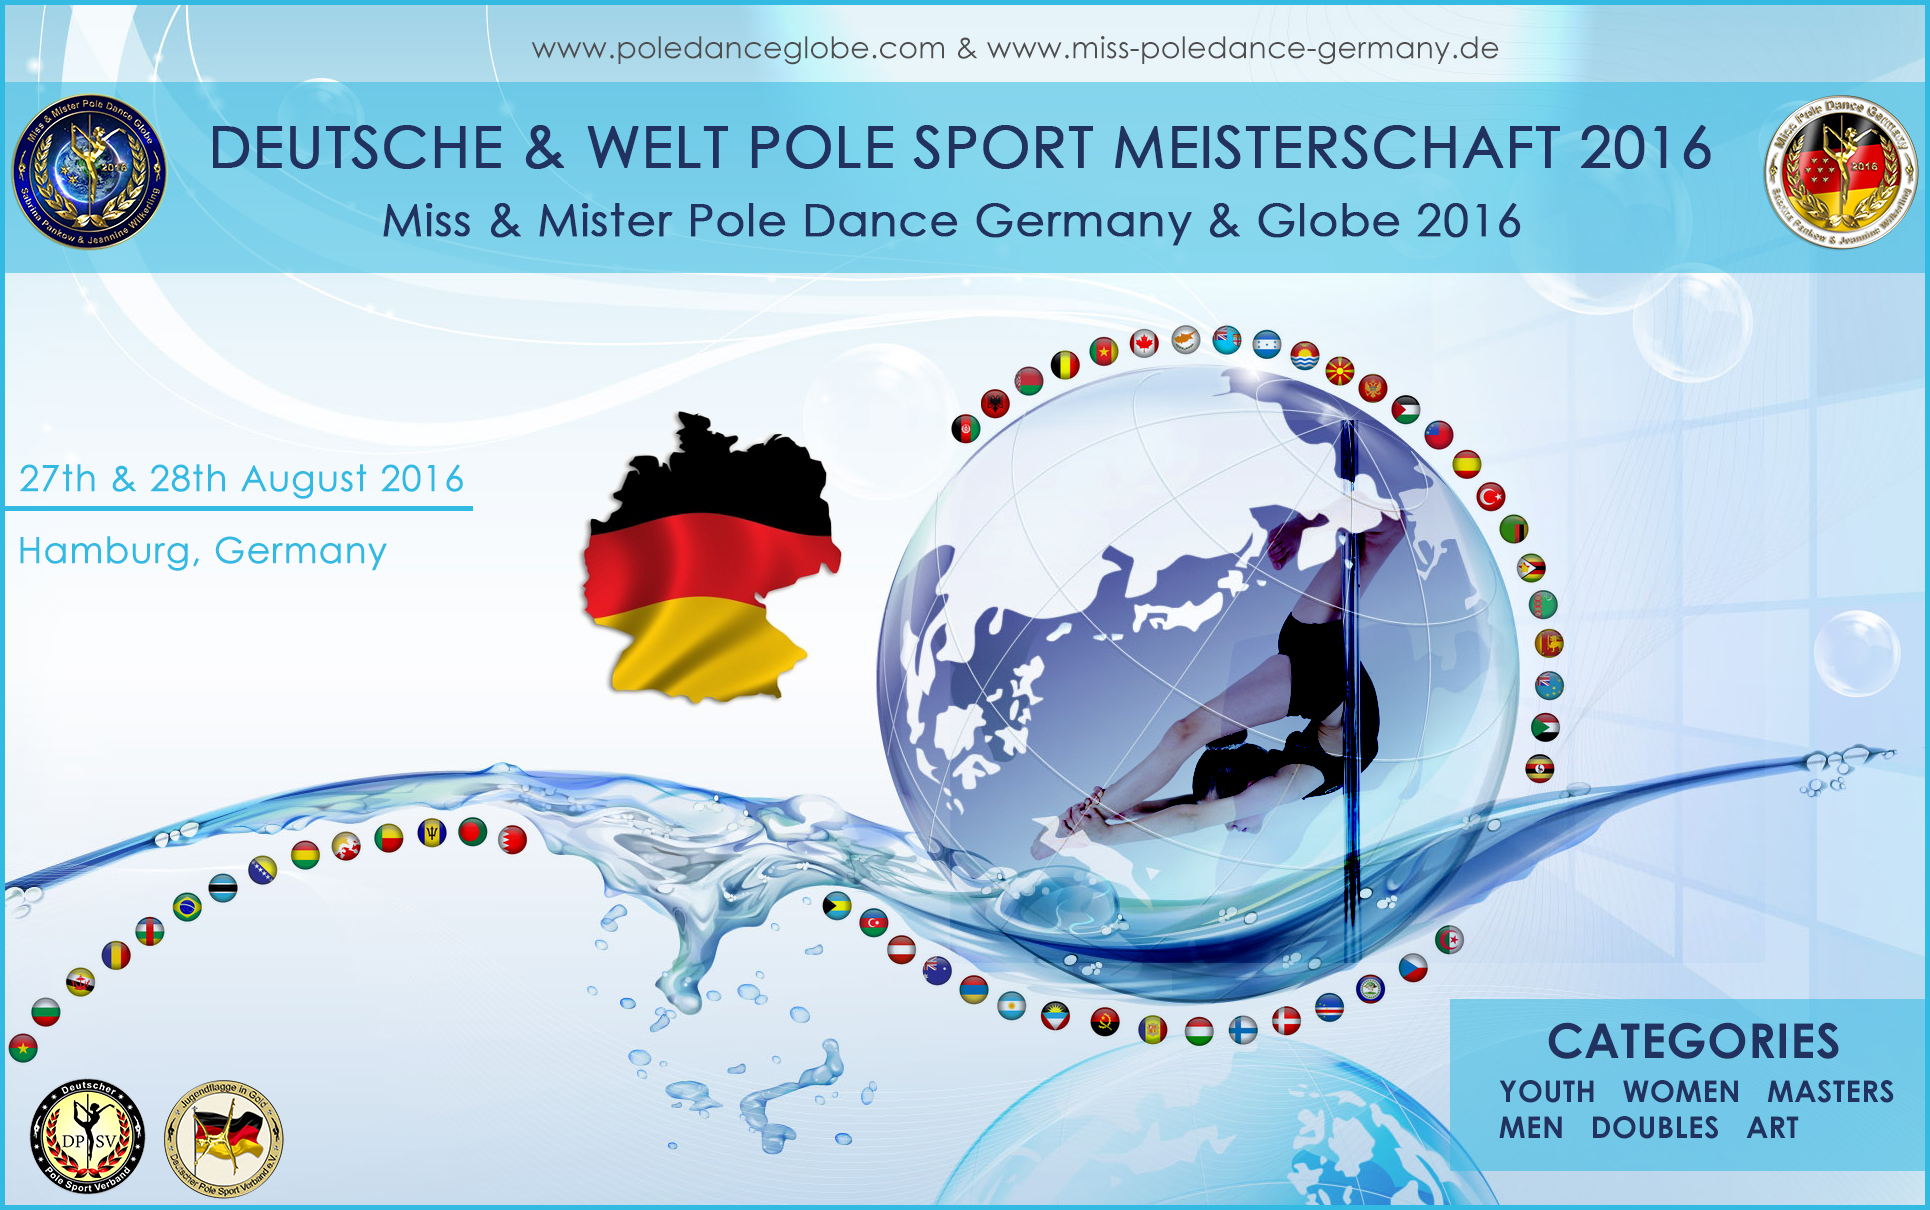 Deutsche Pole Sport Meisterschaft 2016